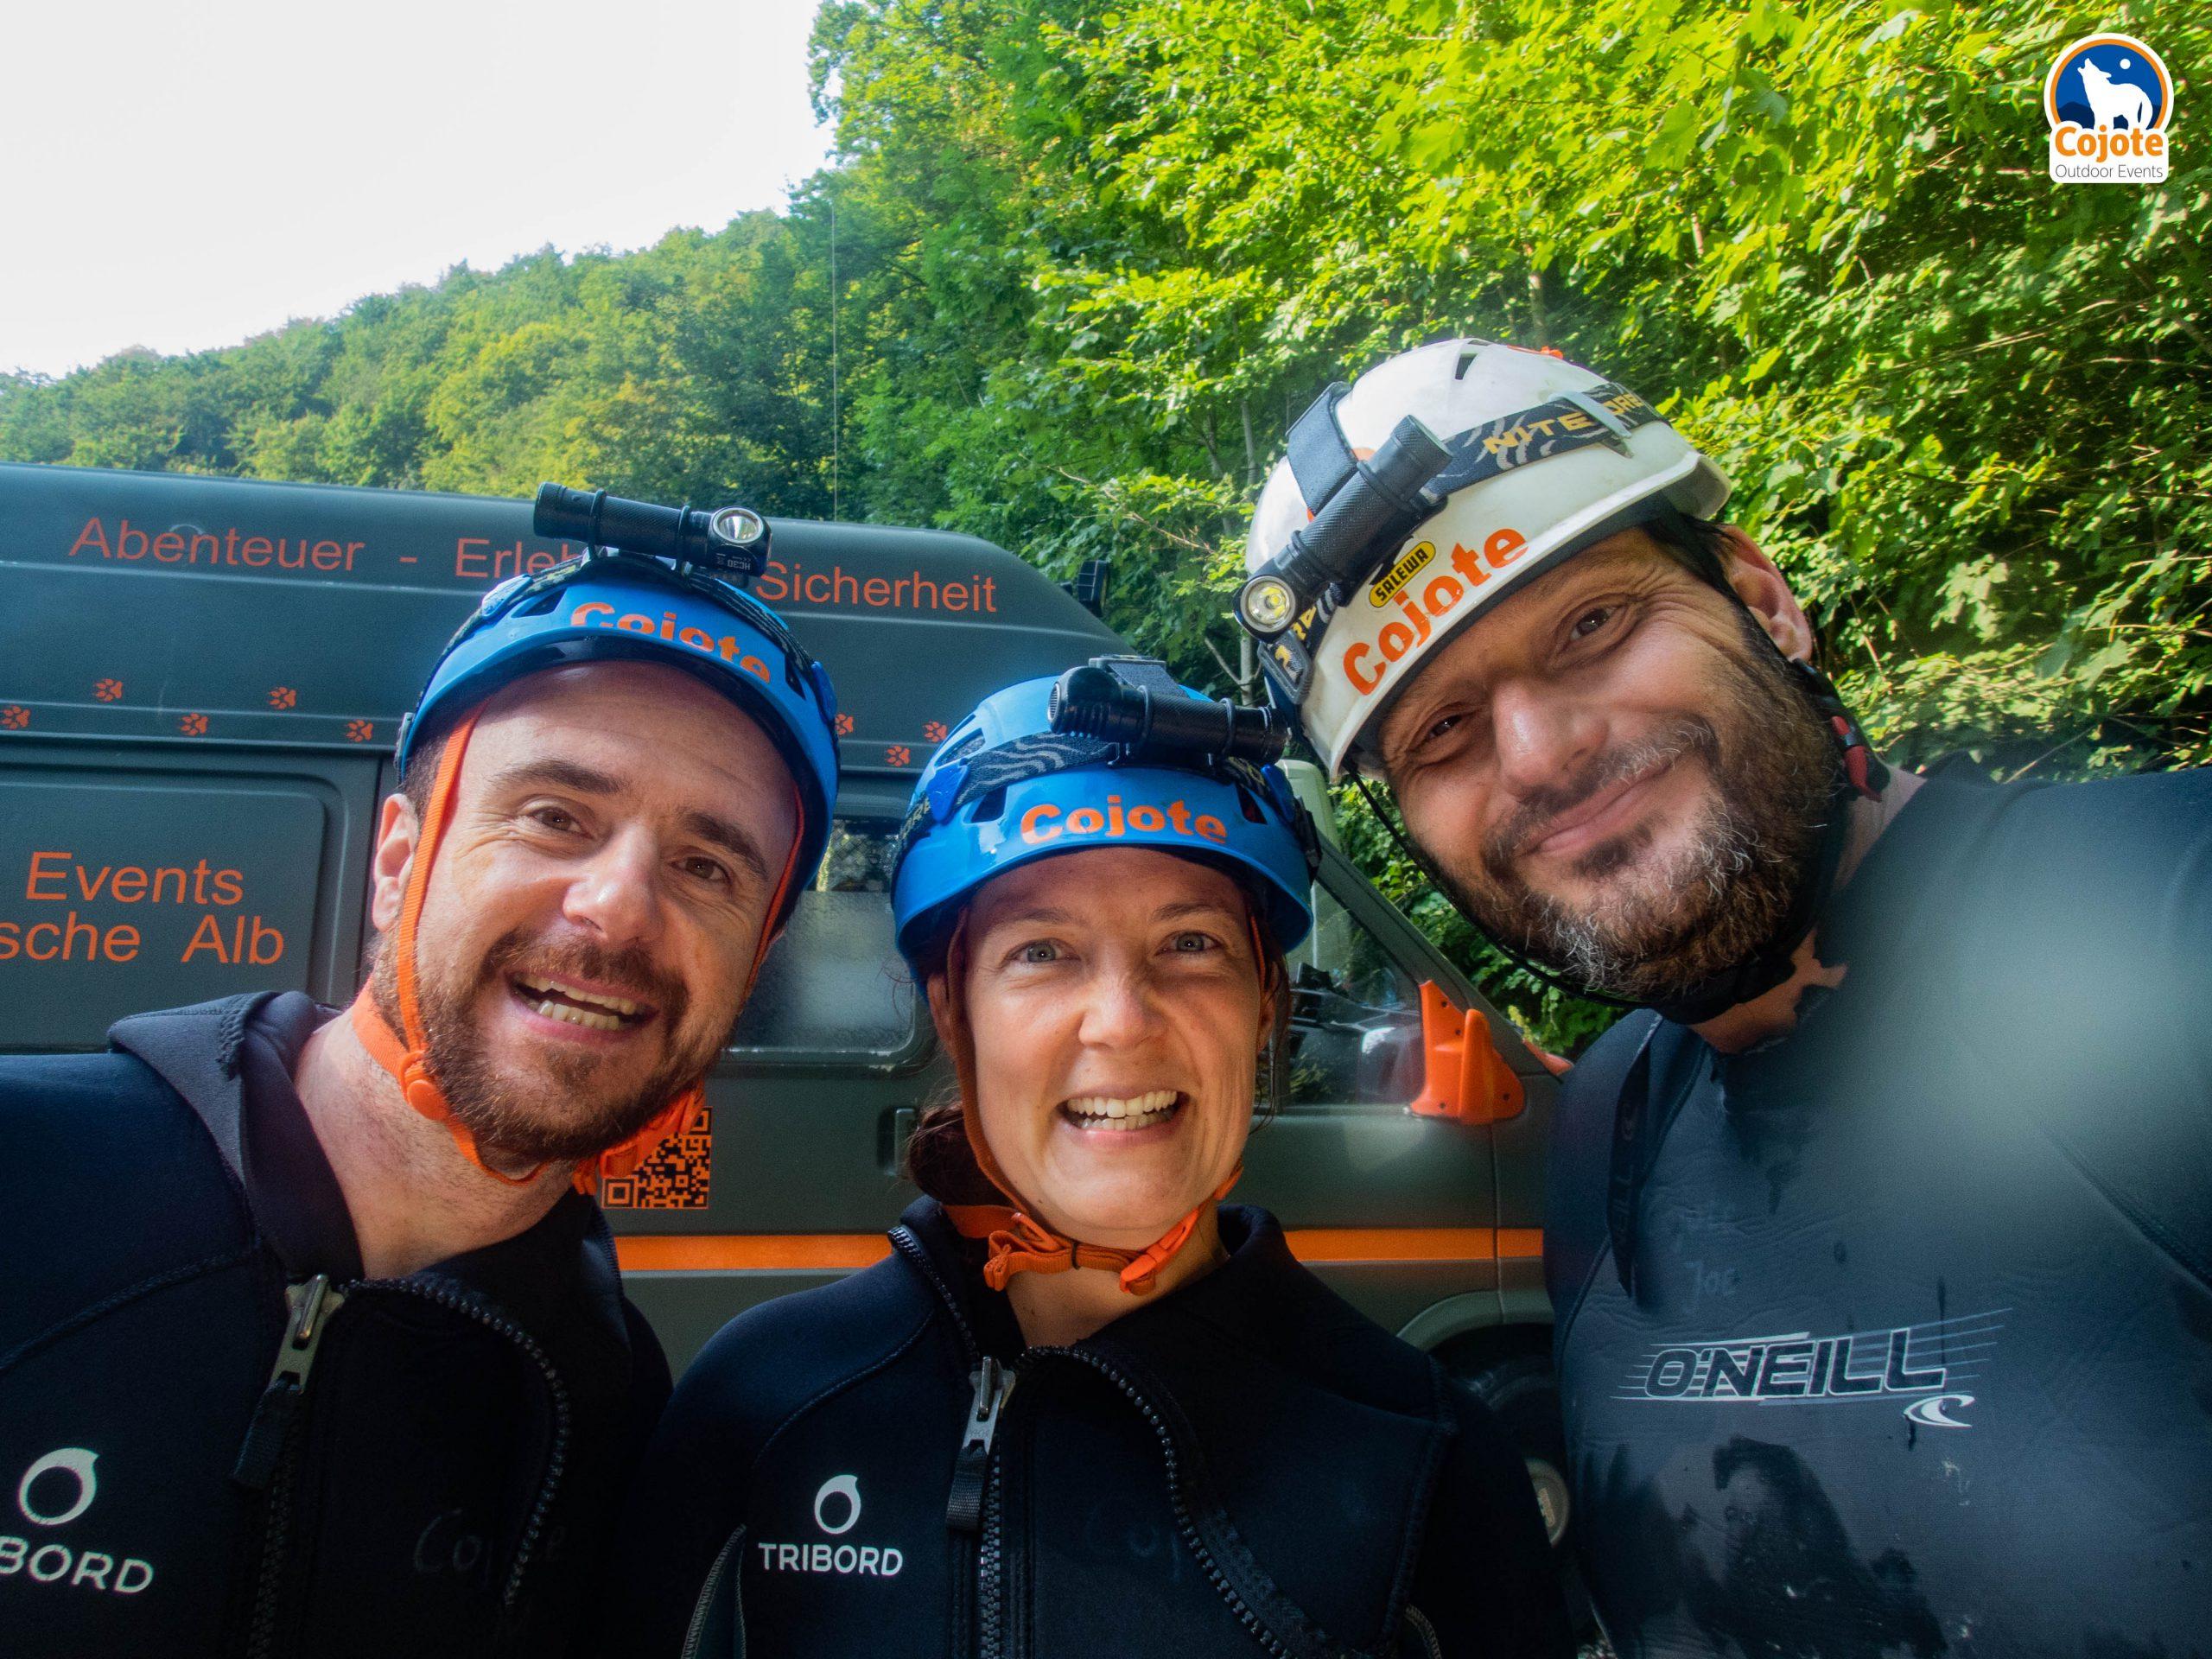 Podcast über uns und unsere Höhlentouren bei Heimat Verliebt